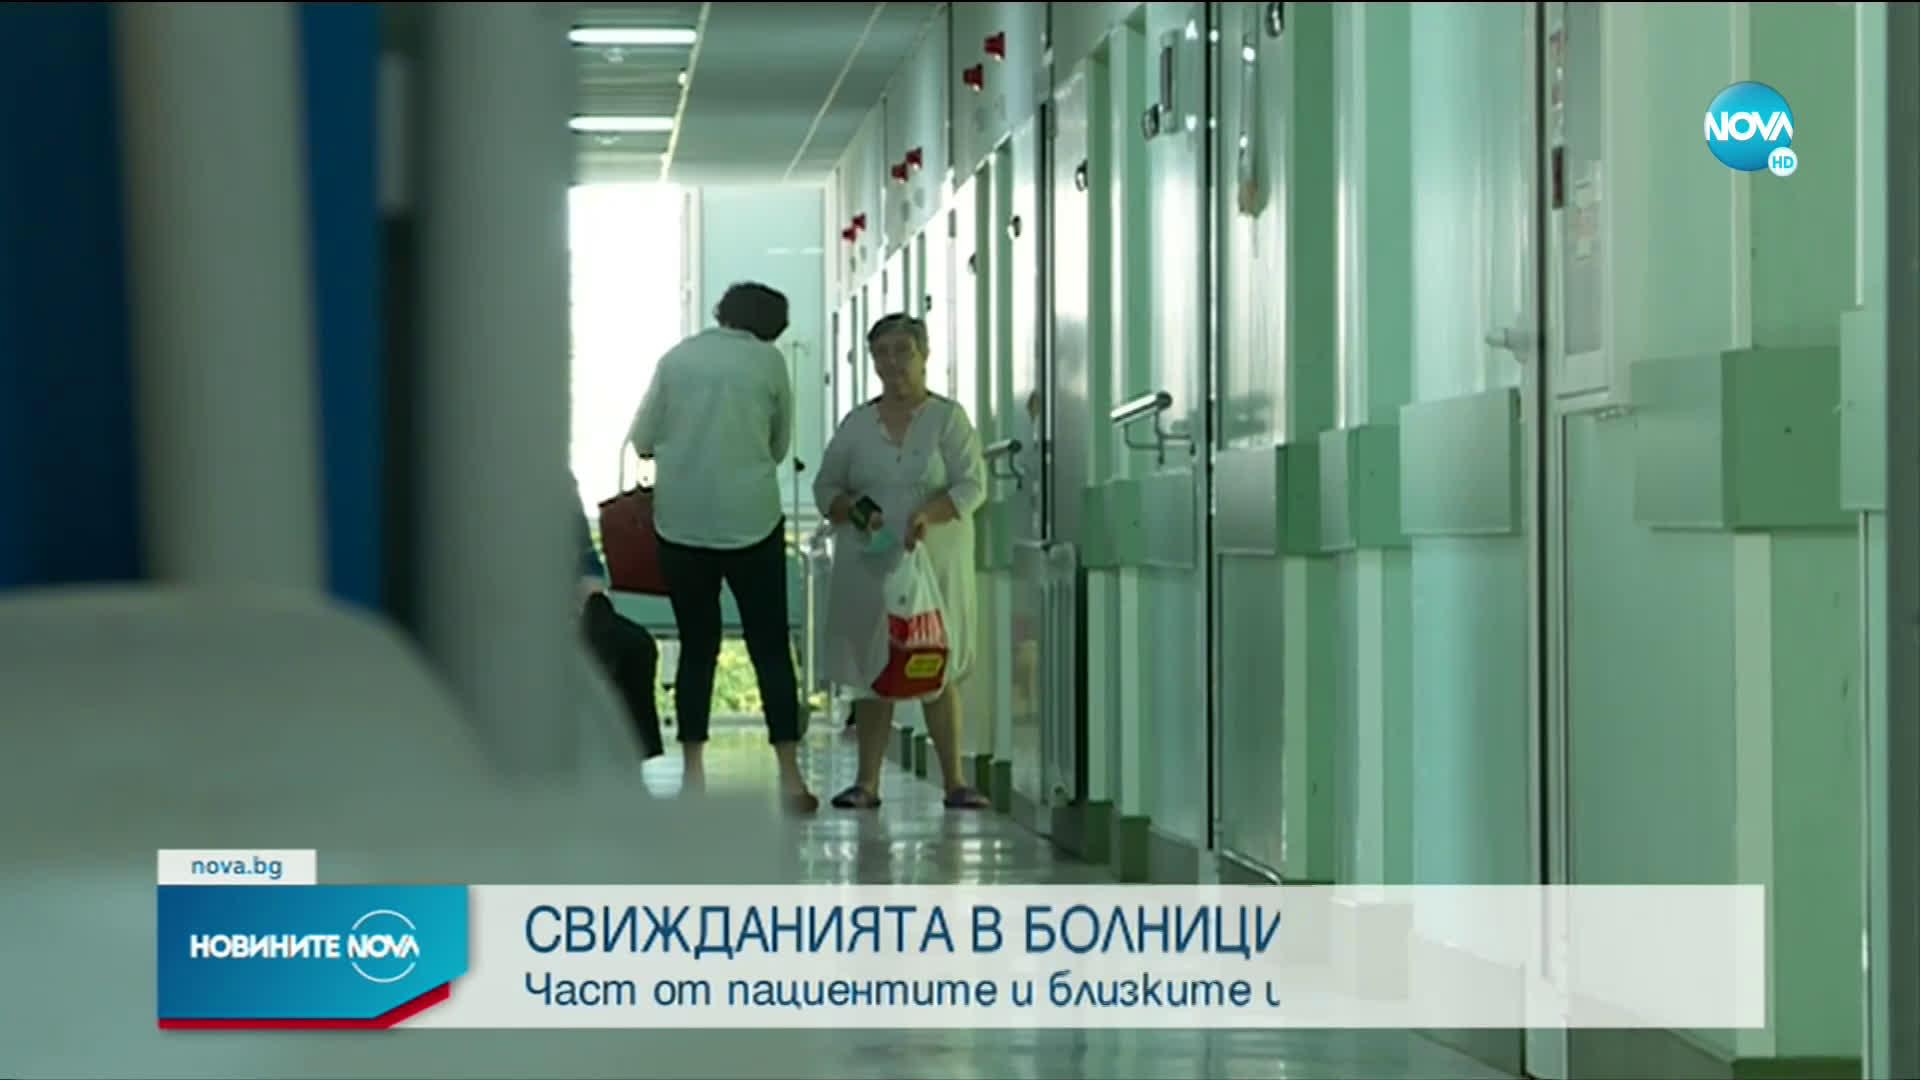 След дълга пауза - свижданията в болниците отново са разрешени